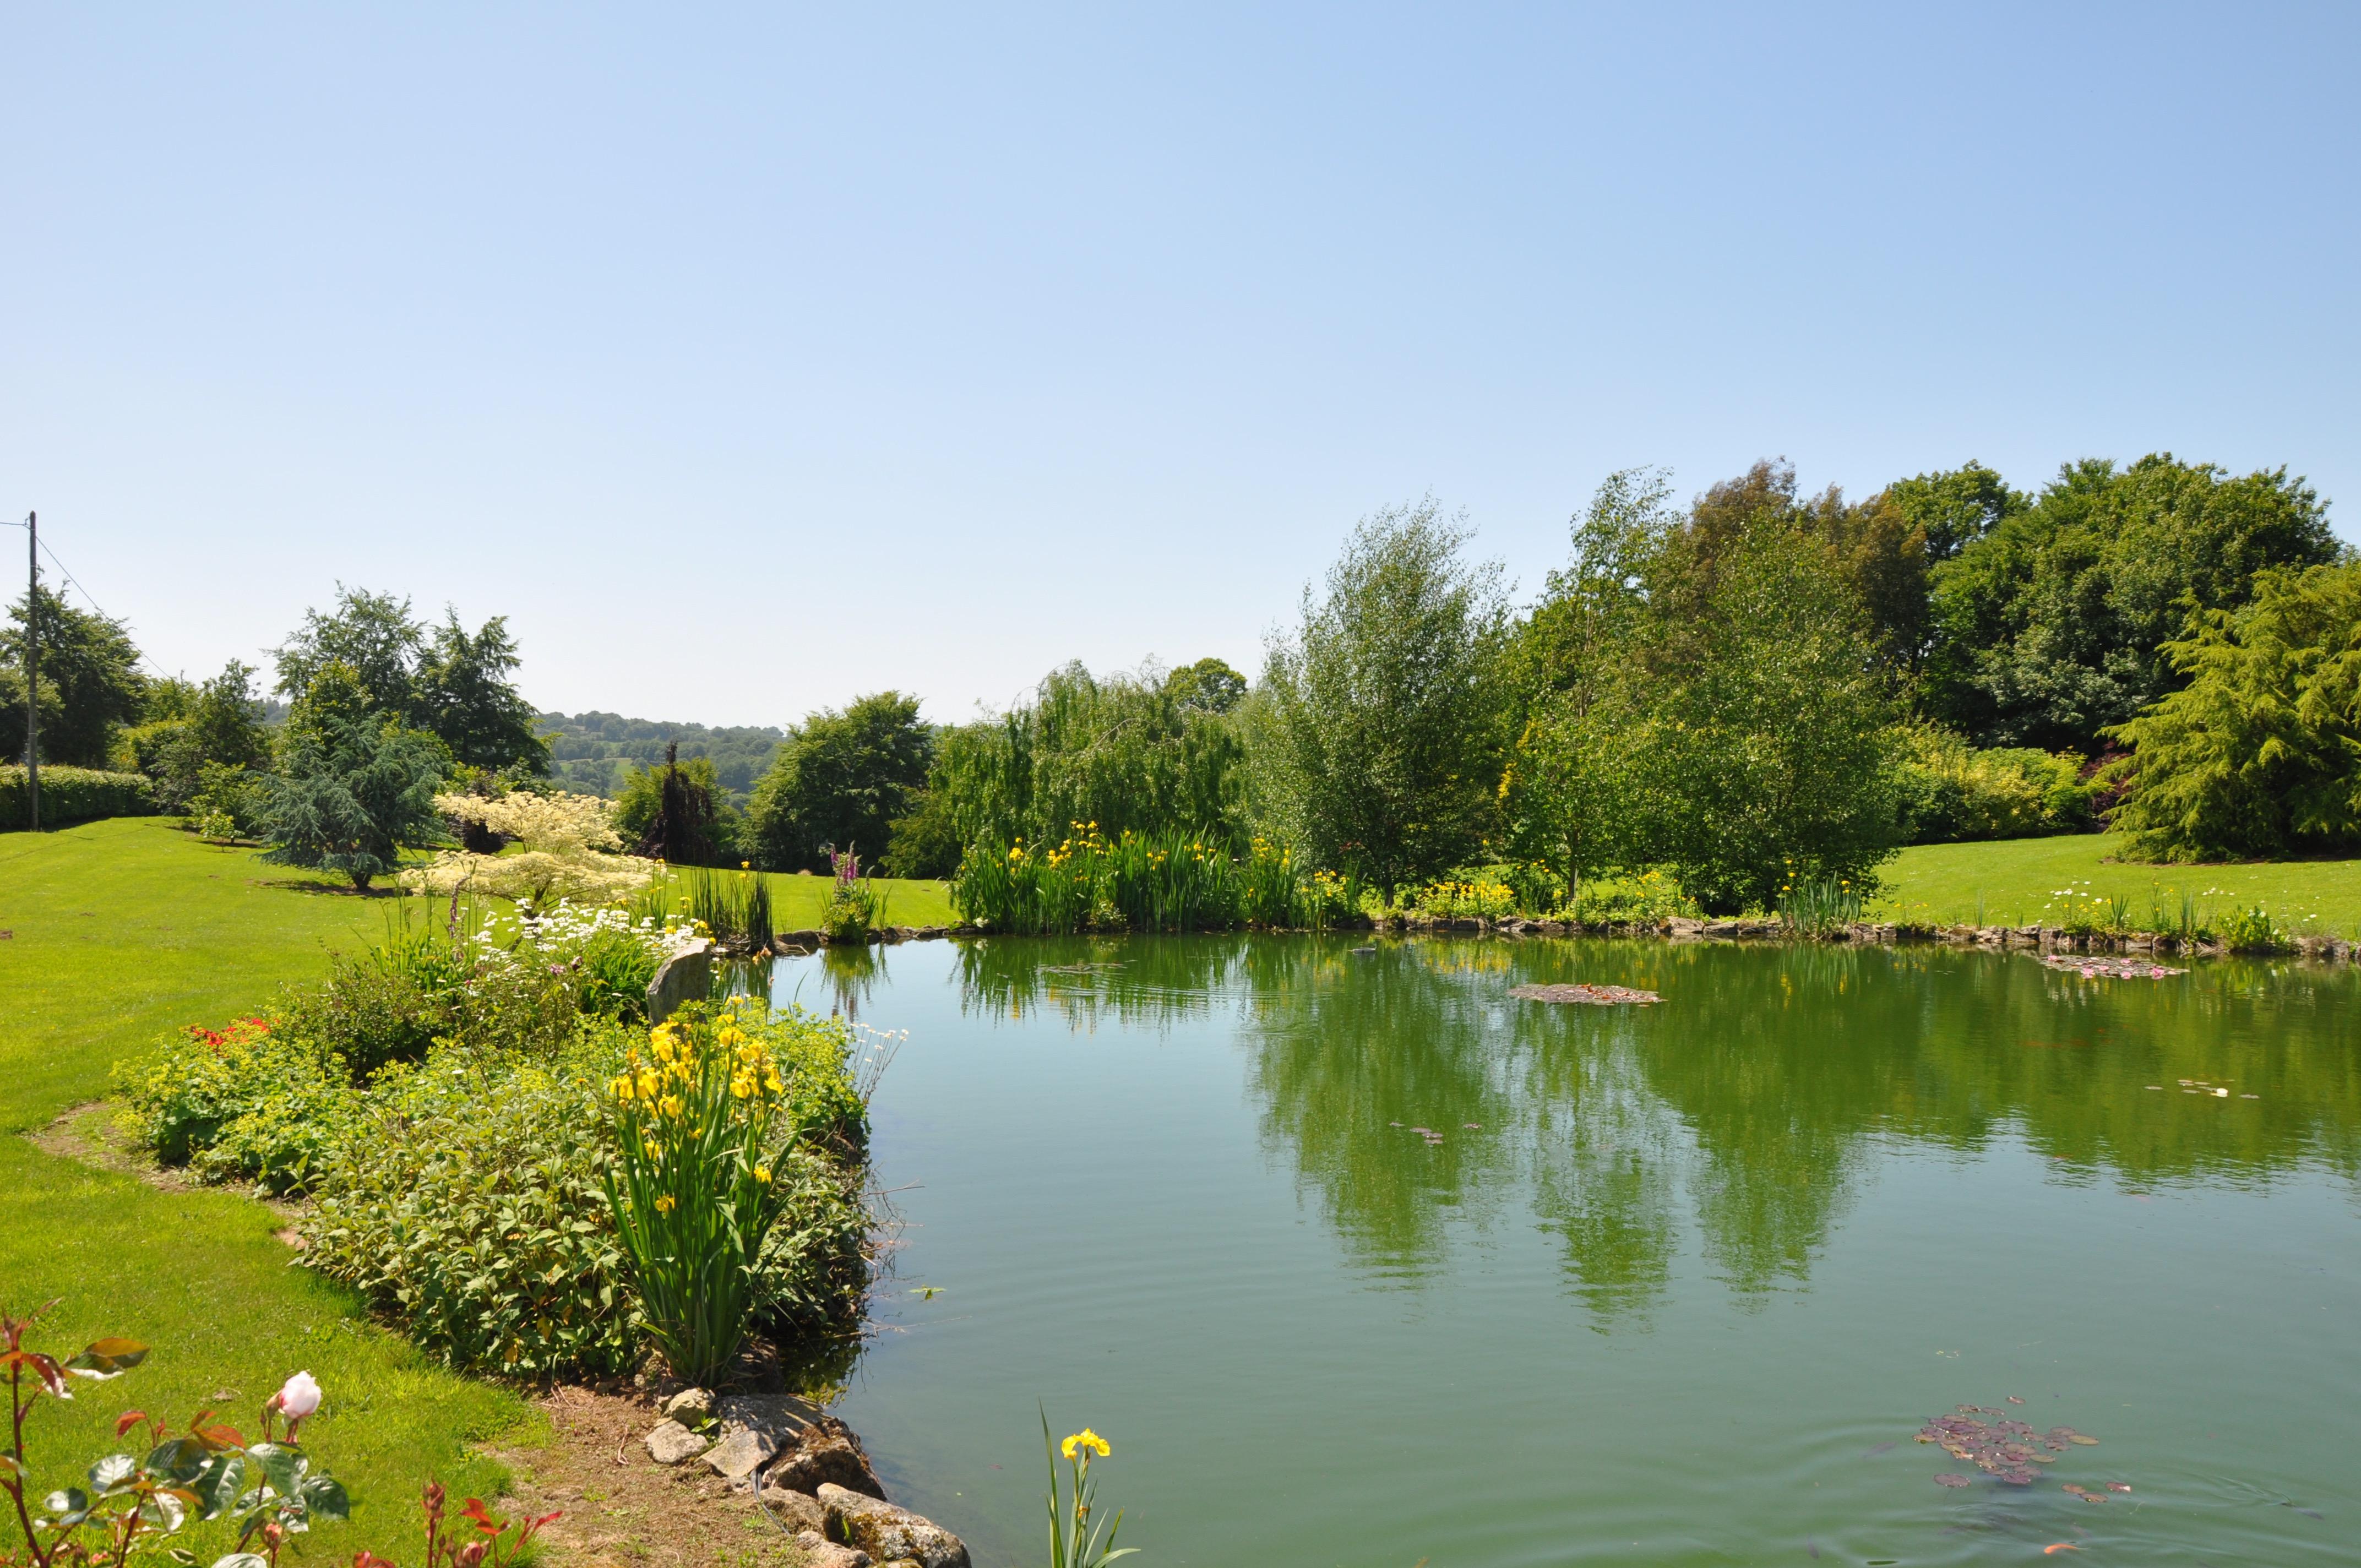 La Herpiniere Pond